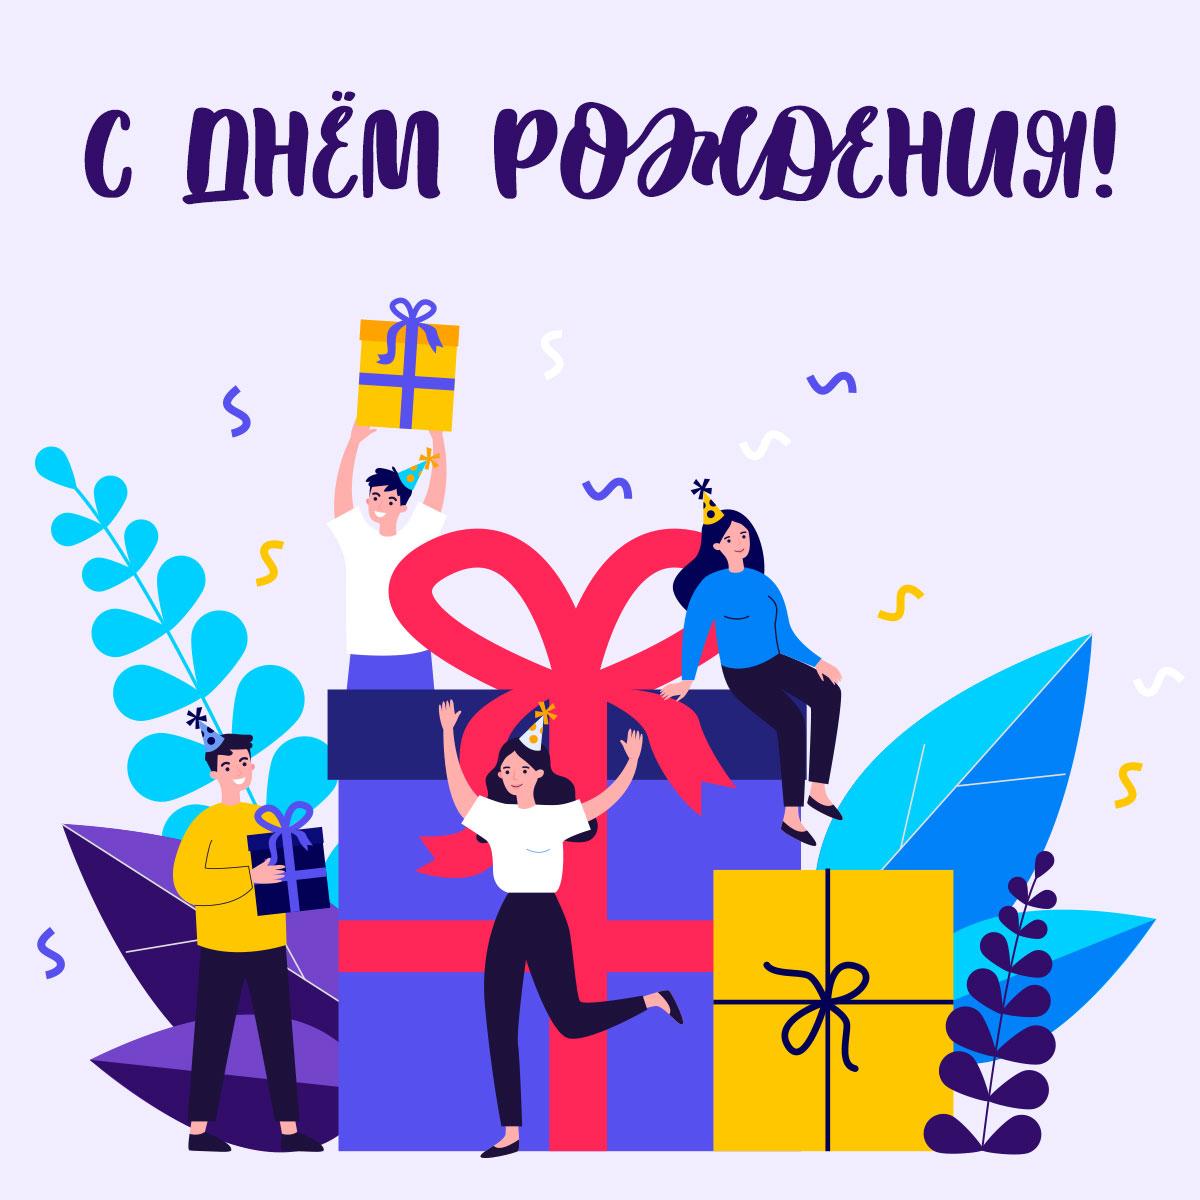 Картинка с текстом для открытки с днем рождения другу: весёлые девушки и юноши с коробками подарков.